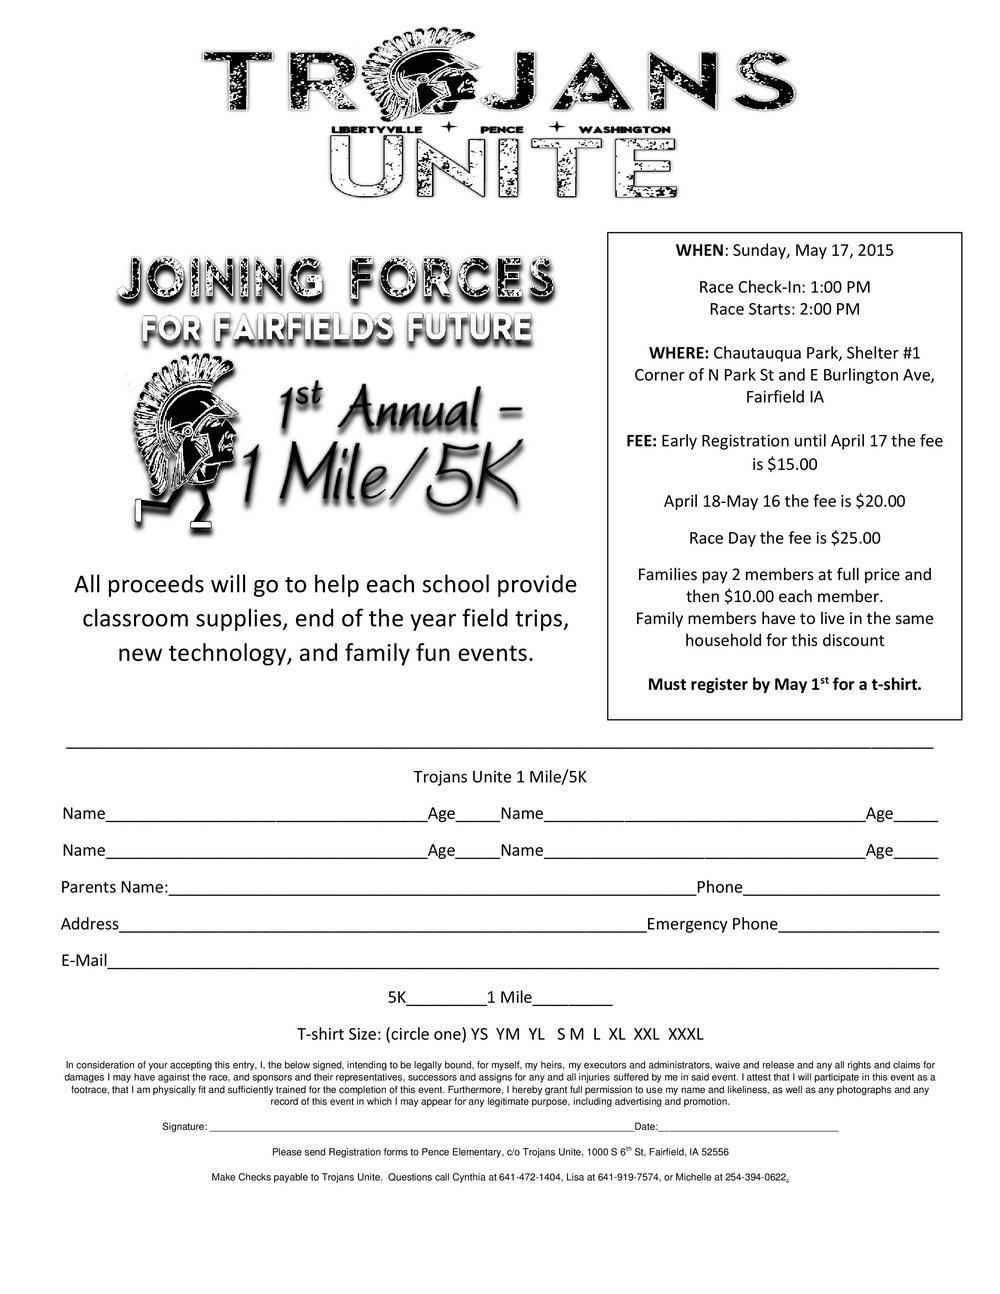 5k Race Registration Form